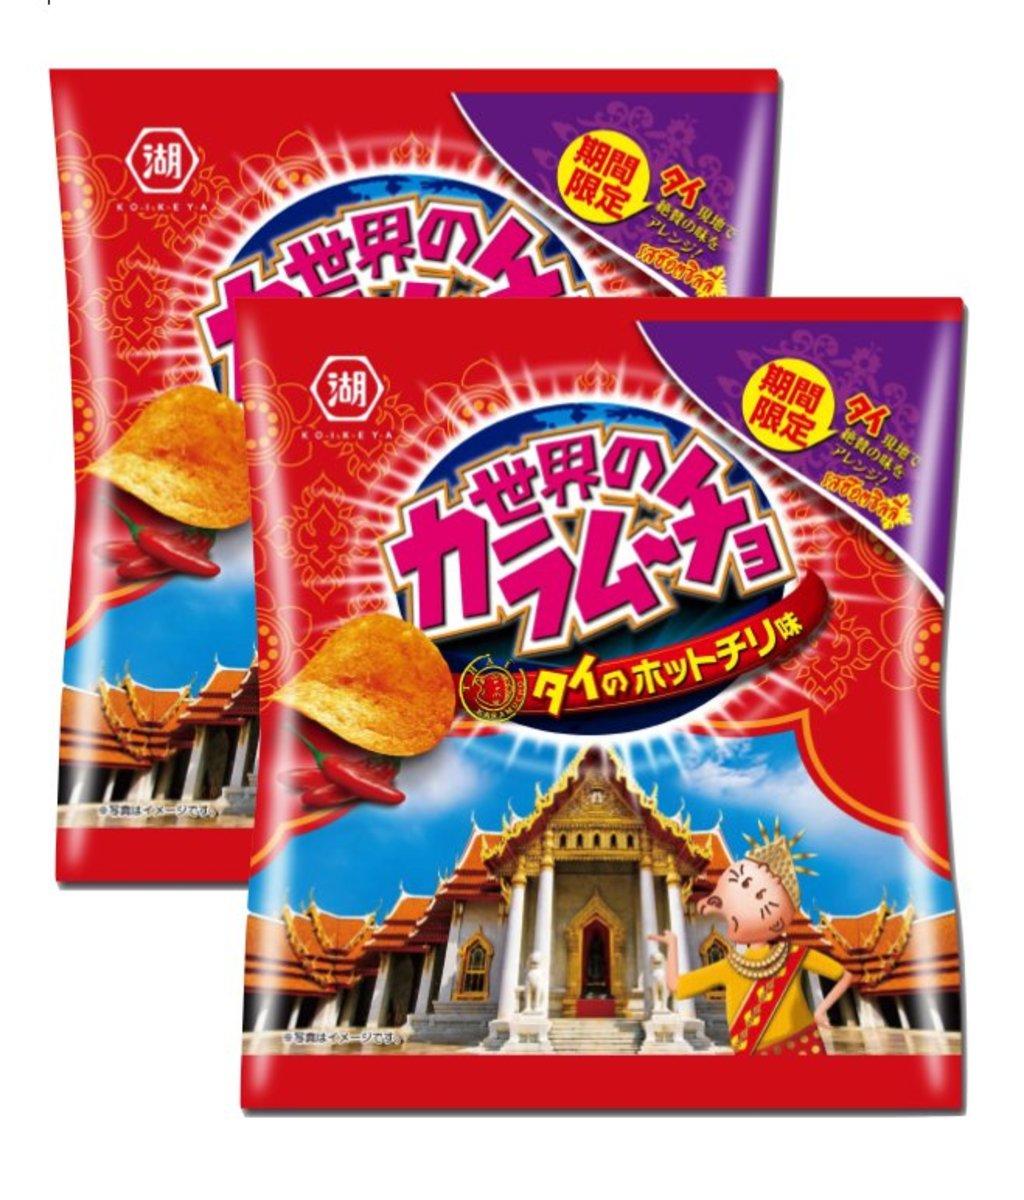 Koikeya   World Karamucho Hot Chili 55g (2包裝)   HKTVmall